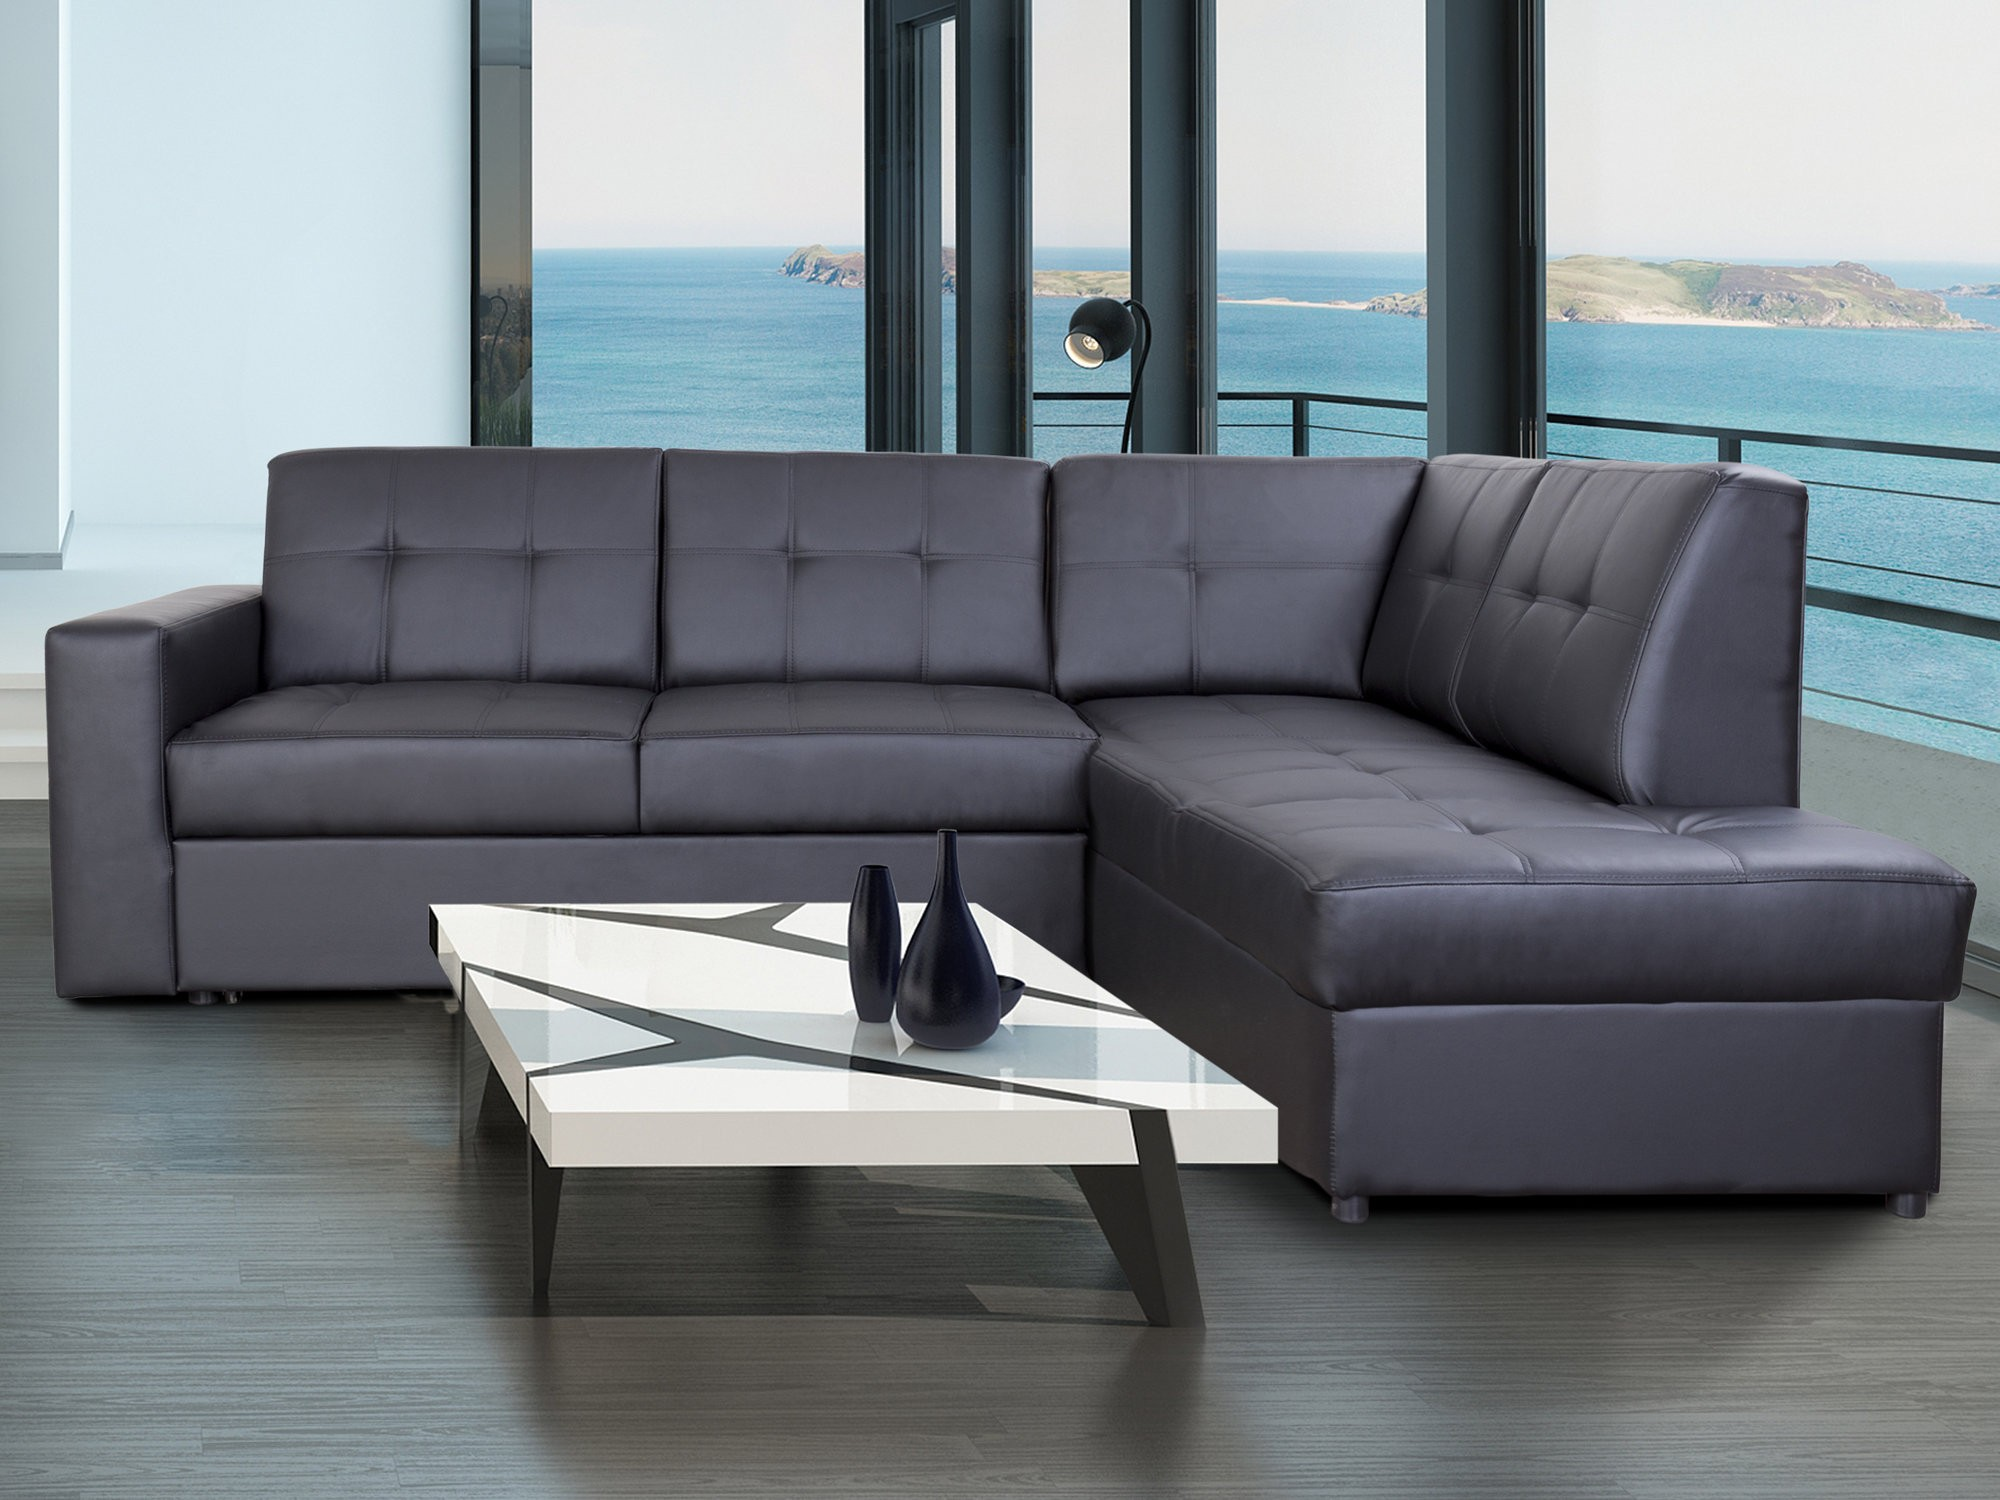 Canapé D'angle Convertible En Cuir Avec Coffre De Rangement